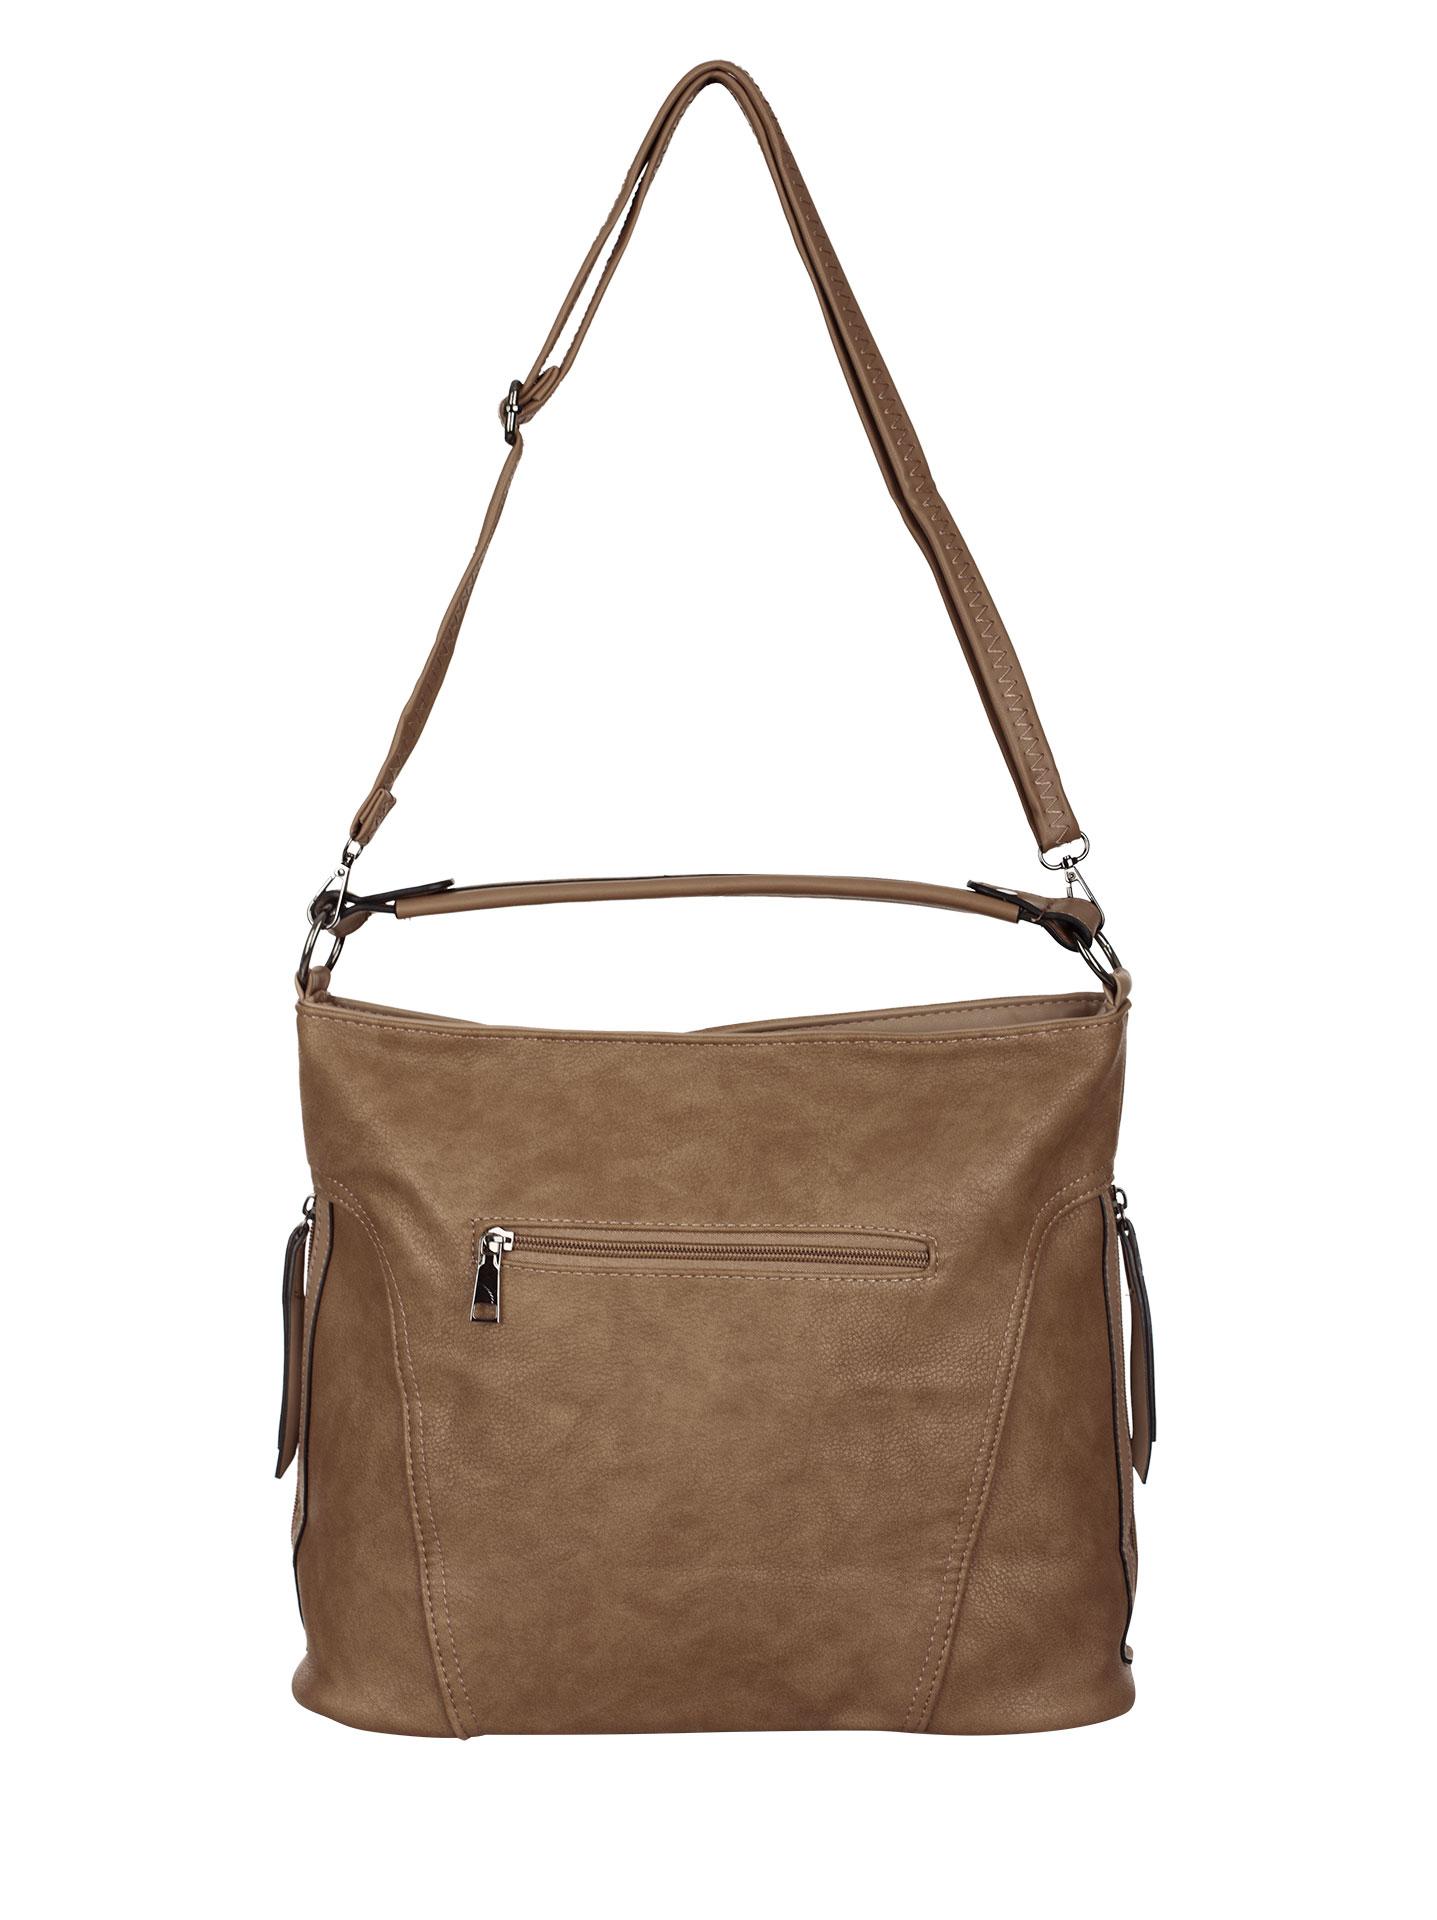 d92ebeb915 Τσάντα ώμου με πλαϊνά φερμουάρ σε καφε